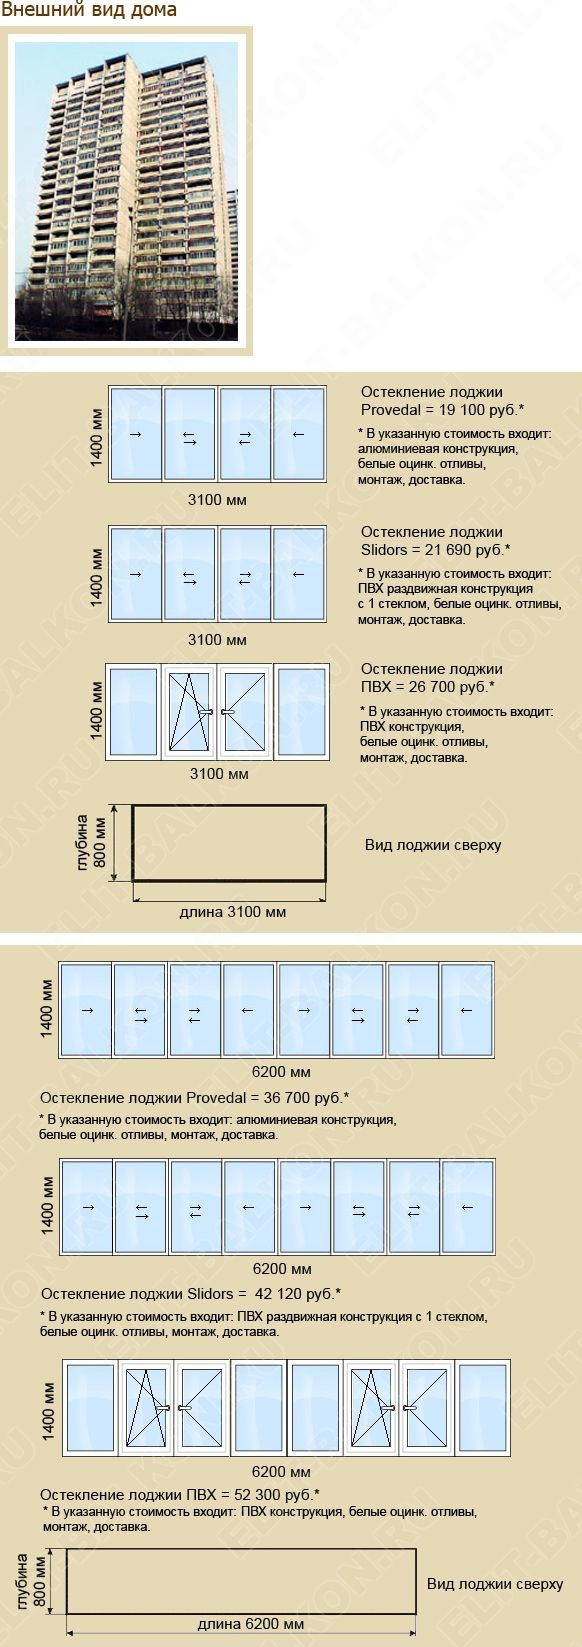 Стоимость остекления балконов. Тип дома И -700А